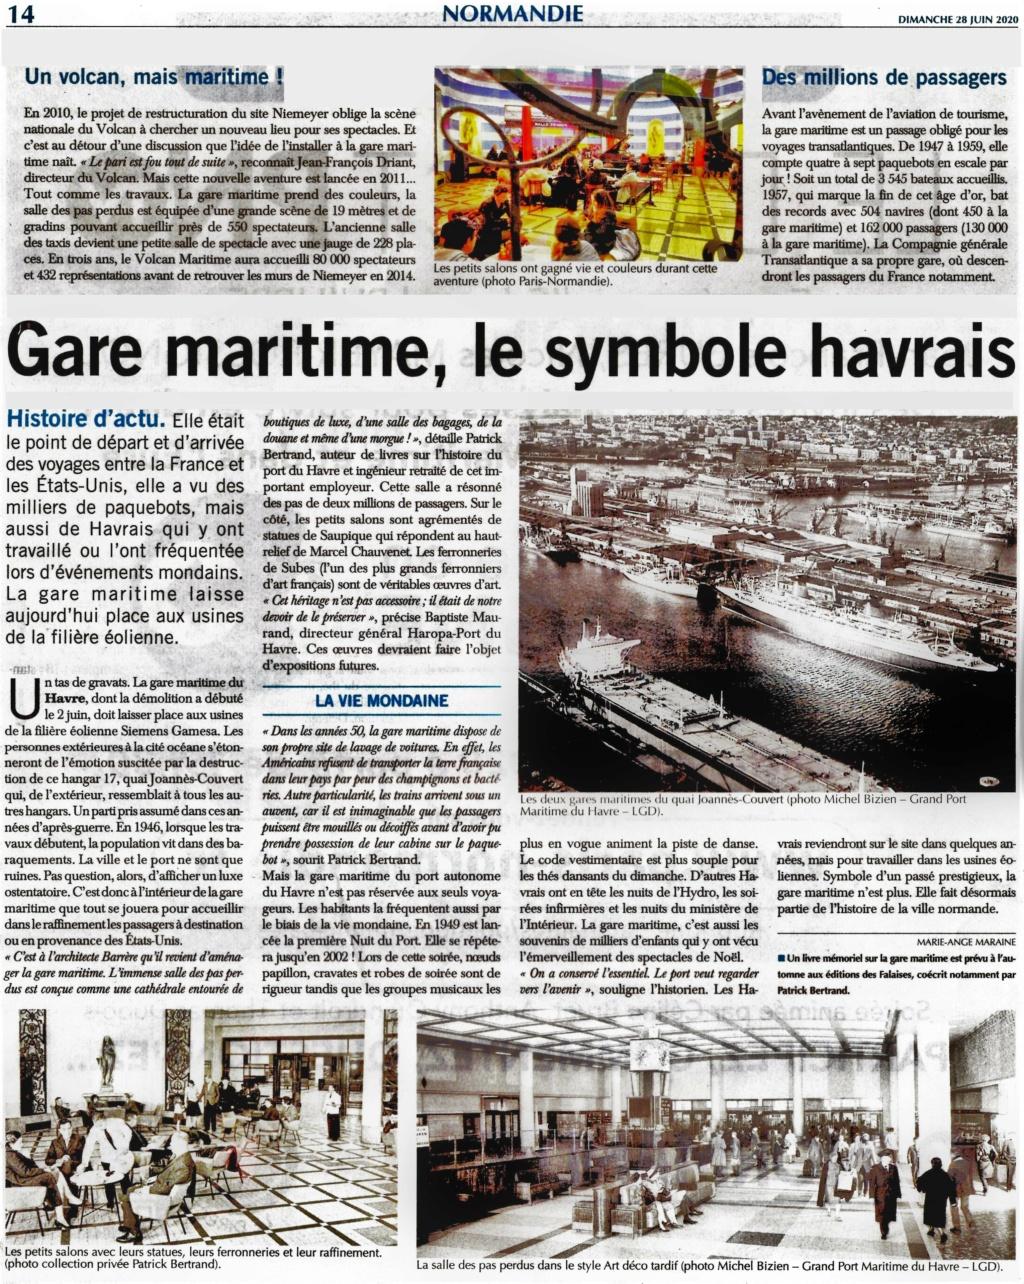 La grande saga des gares maritimes au Havre 2020-136